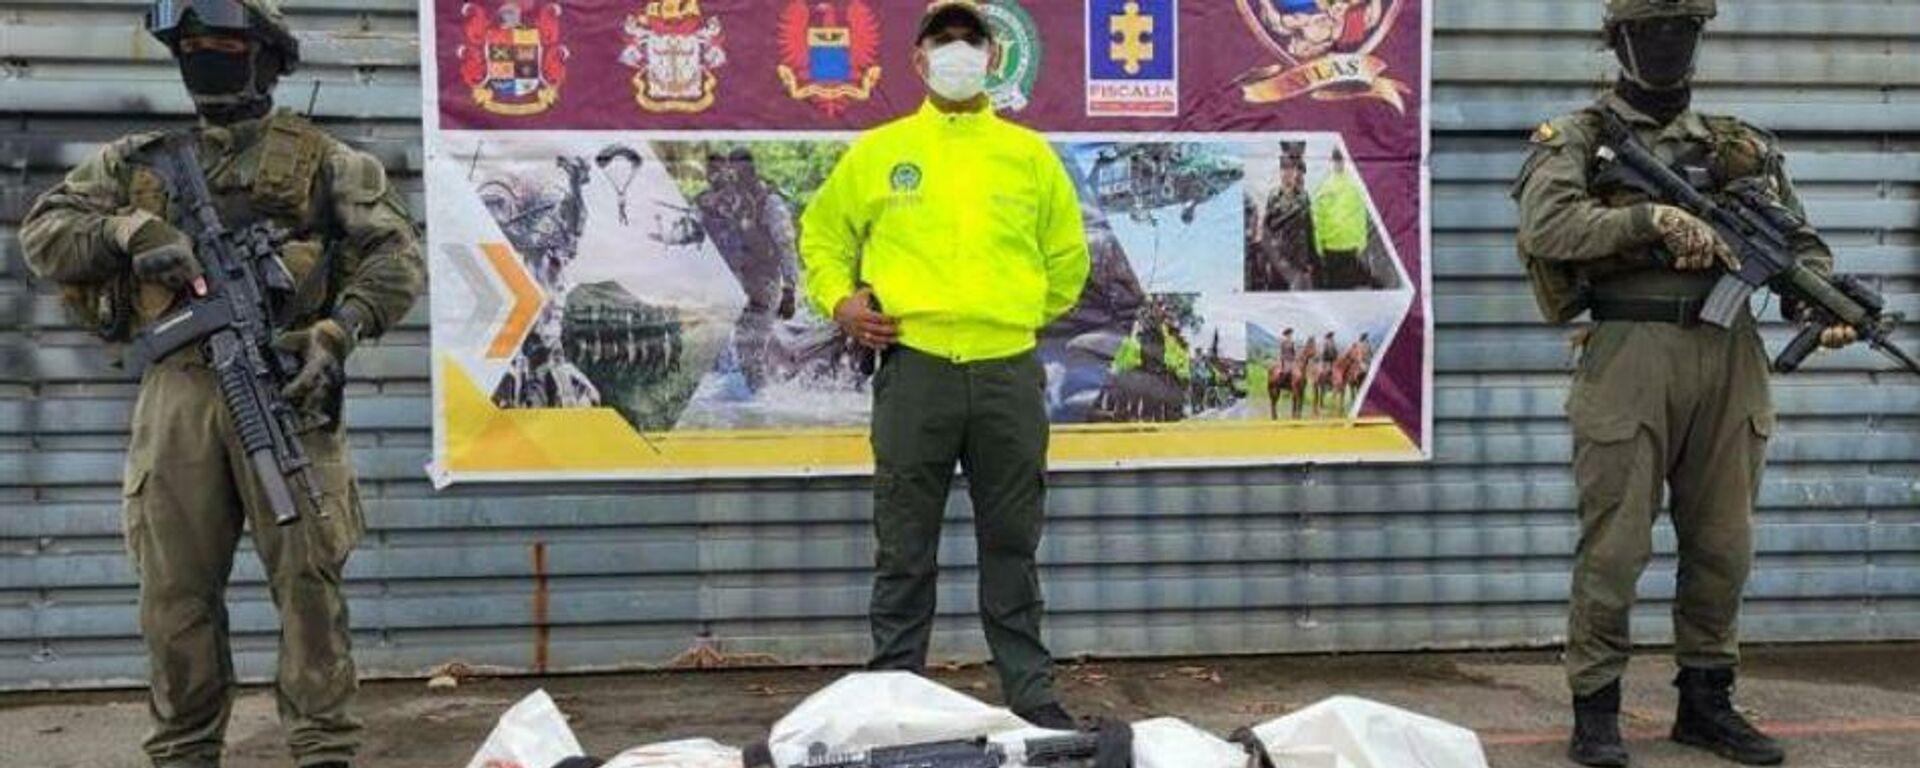 Cómo ejecutaron a 'Borojó', uno de los narcos más buscados de Colombia  - Sputnik Mundo, 1920, 17.08.2021